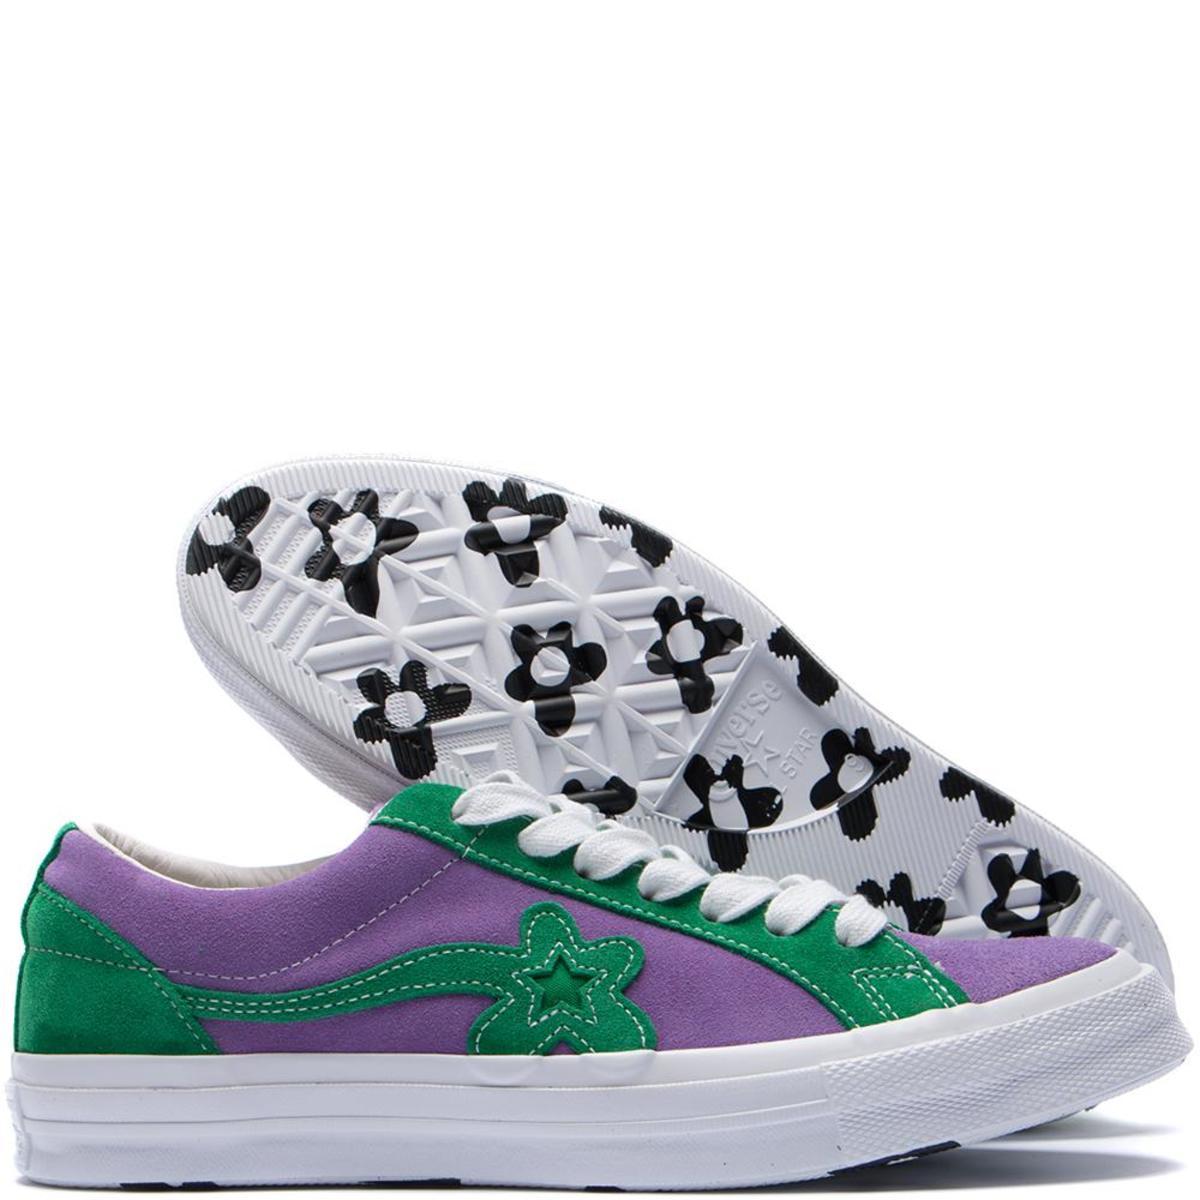 079abc0f39e Unisex Converse x Golf Le Fleur One Star GLF - Purple Heart